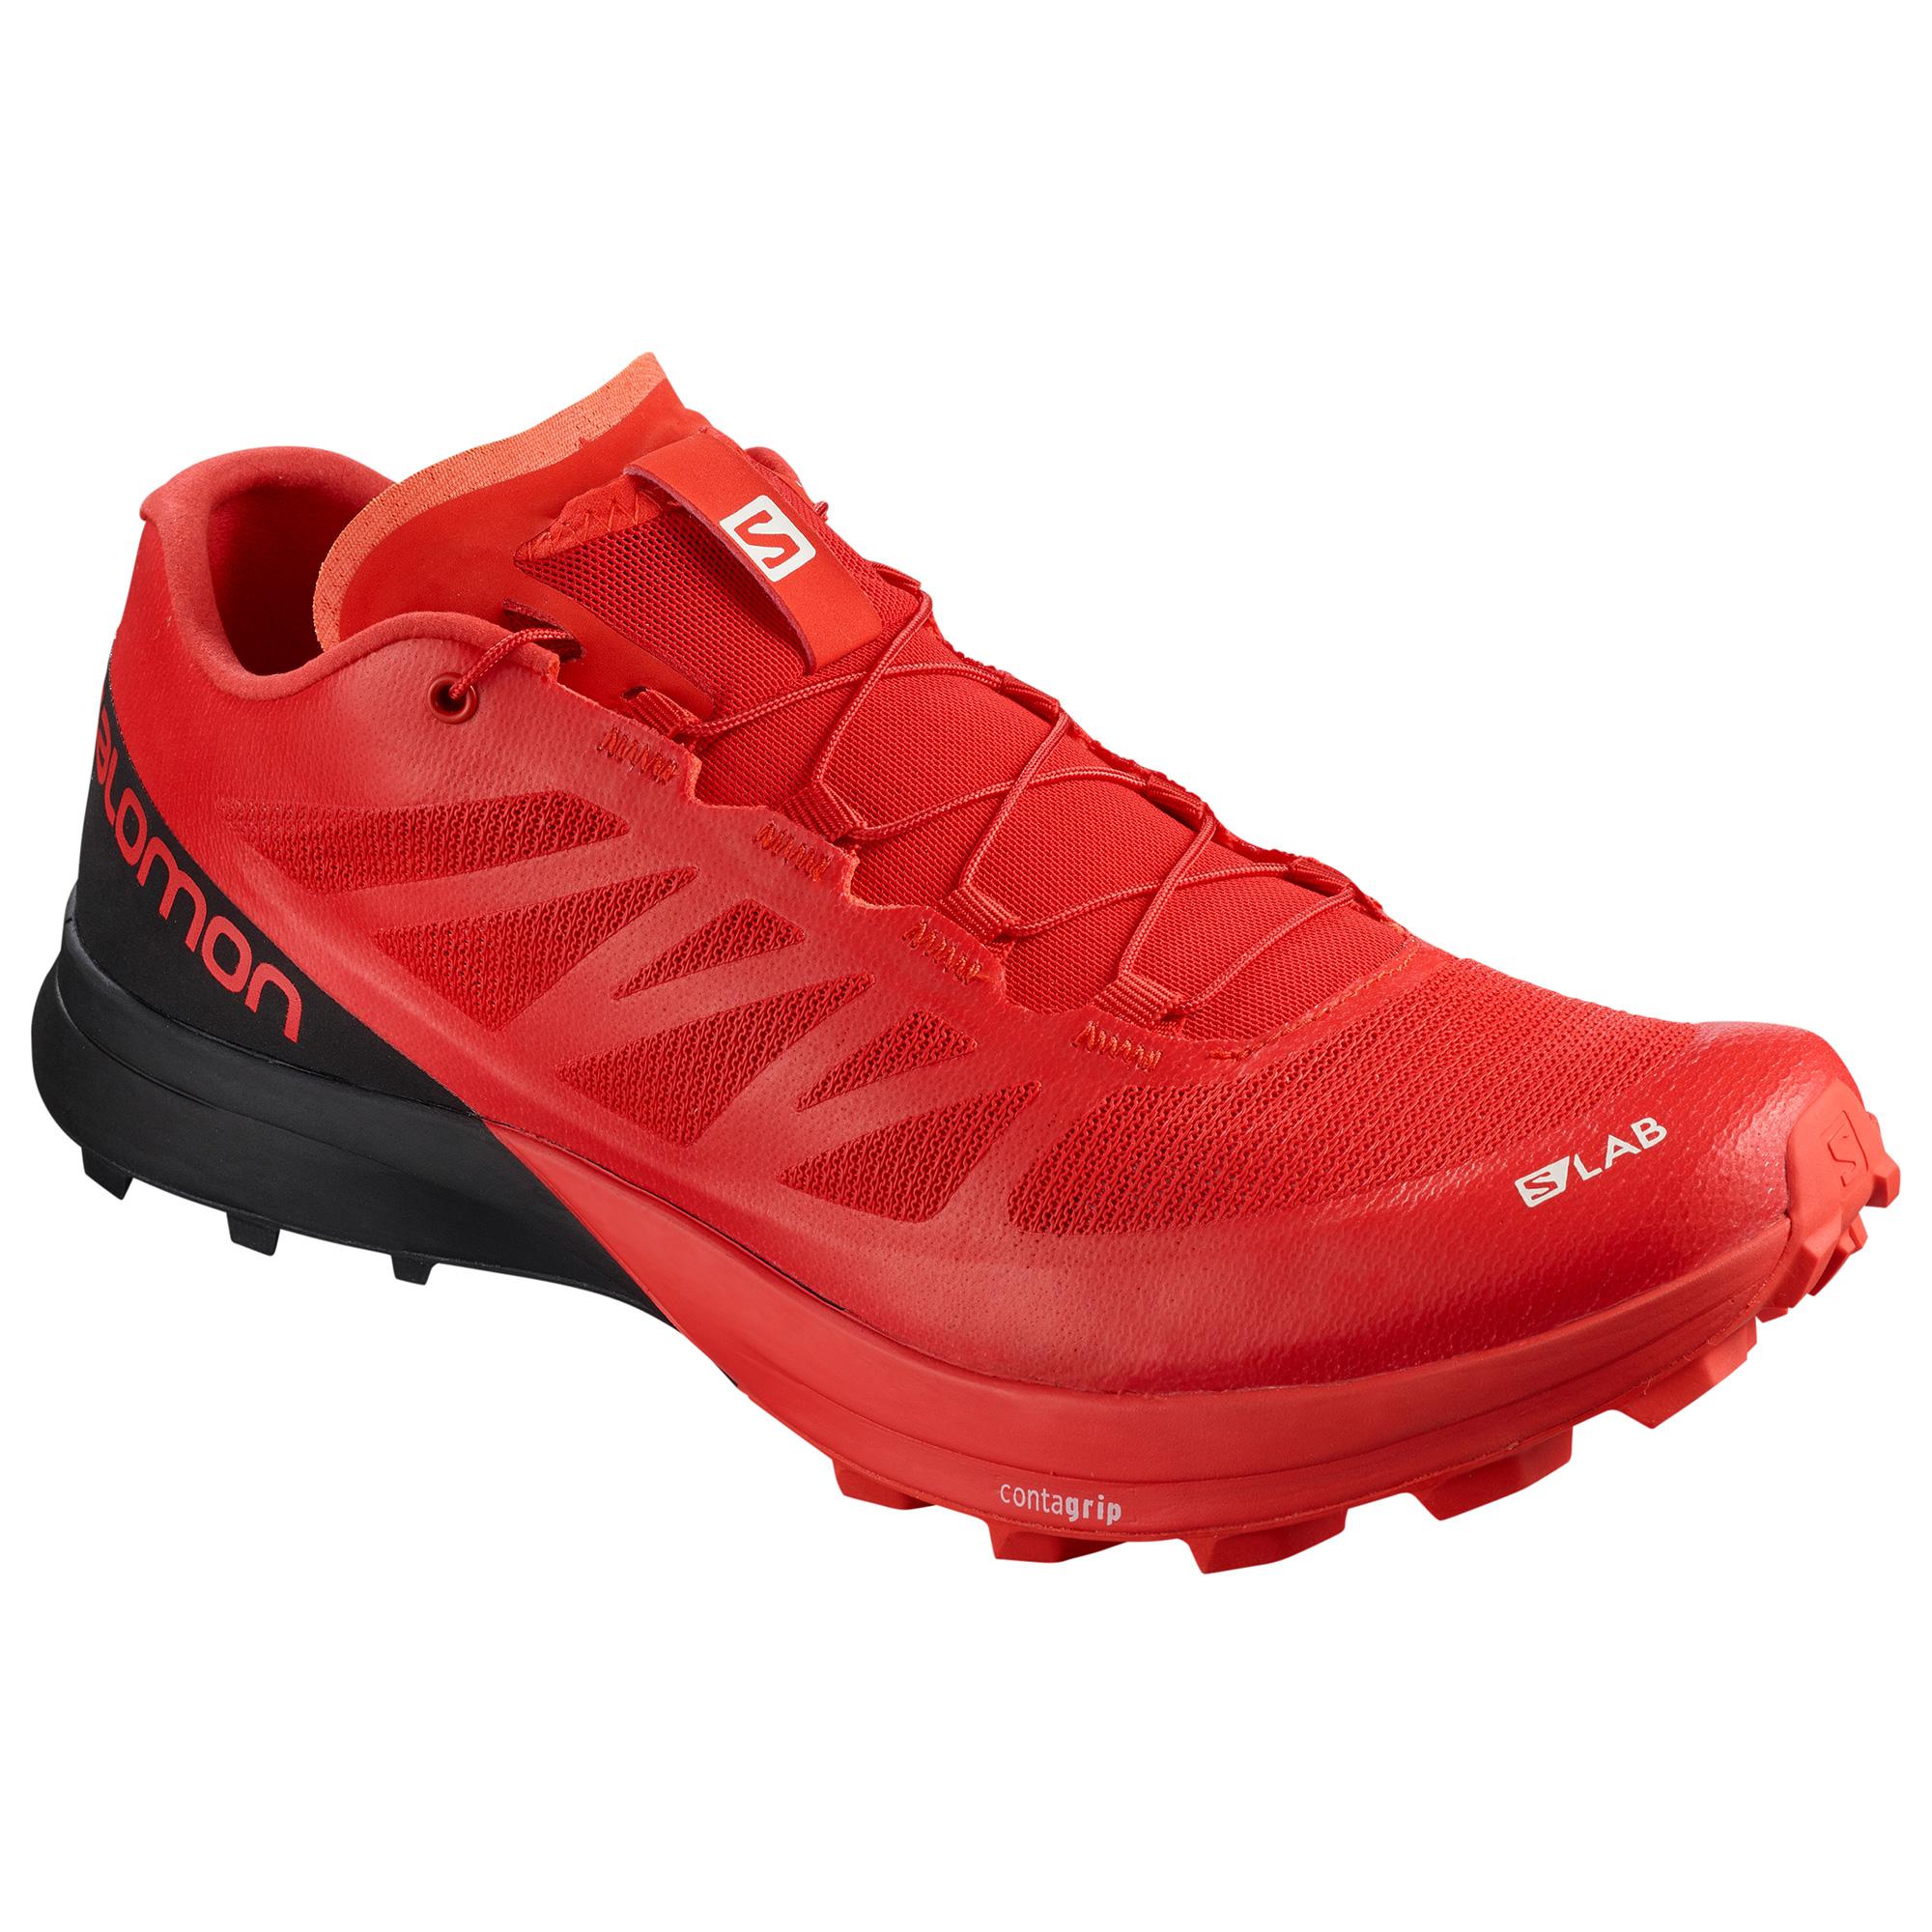 salomon speedcross 3 red 6000 precio